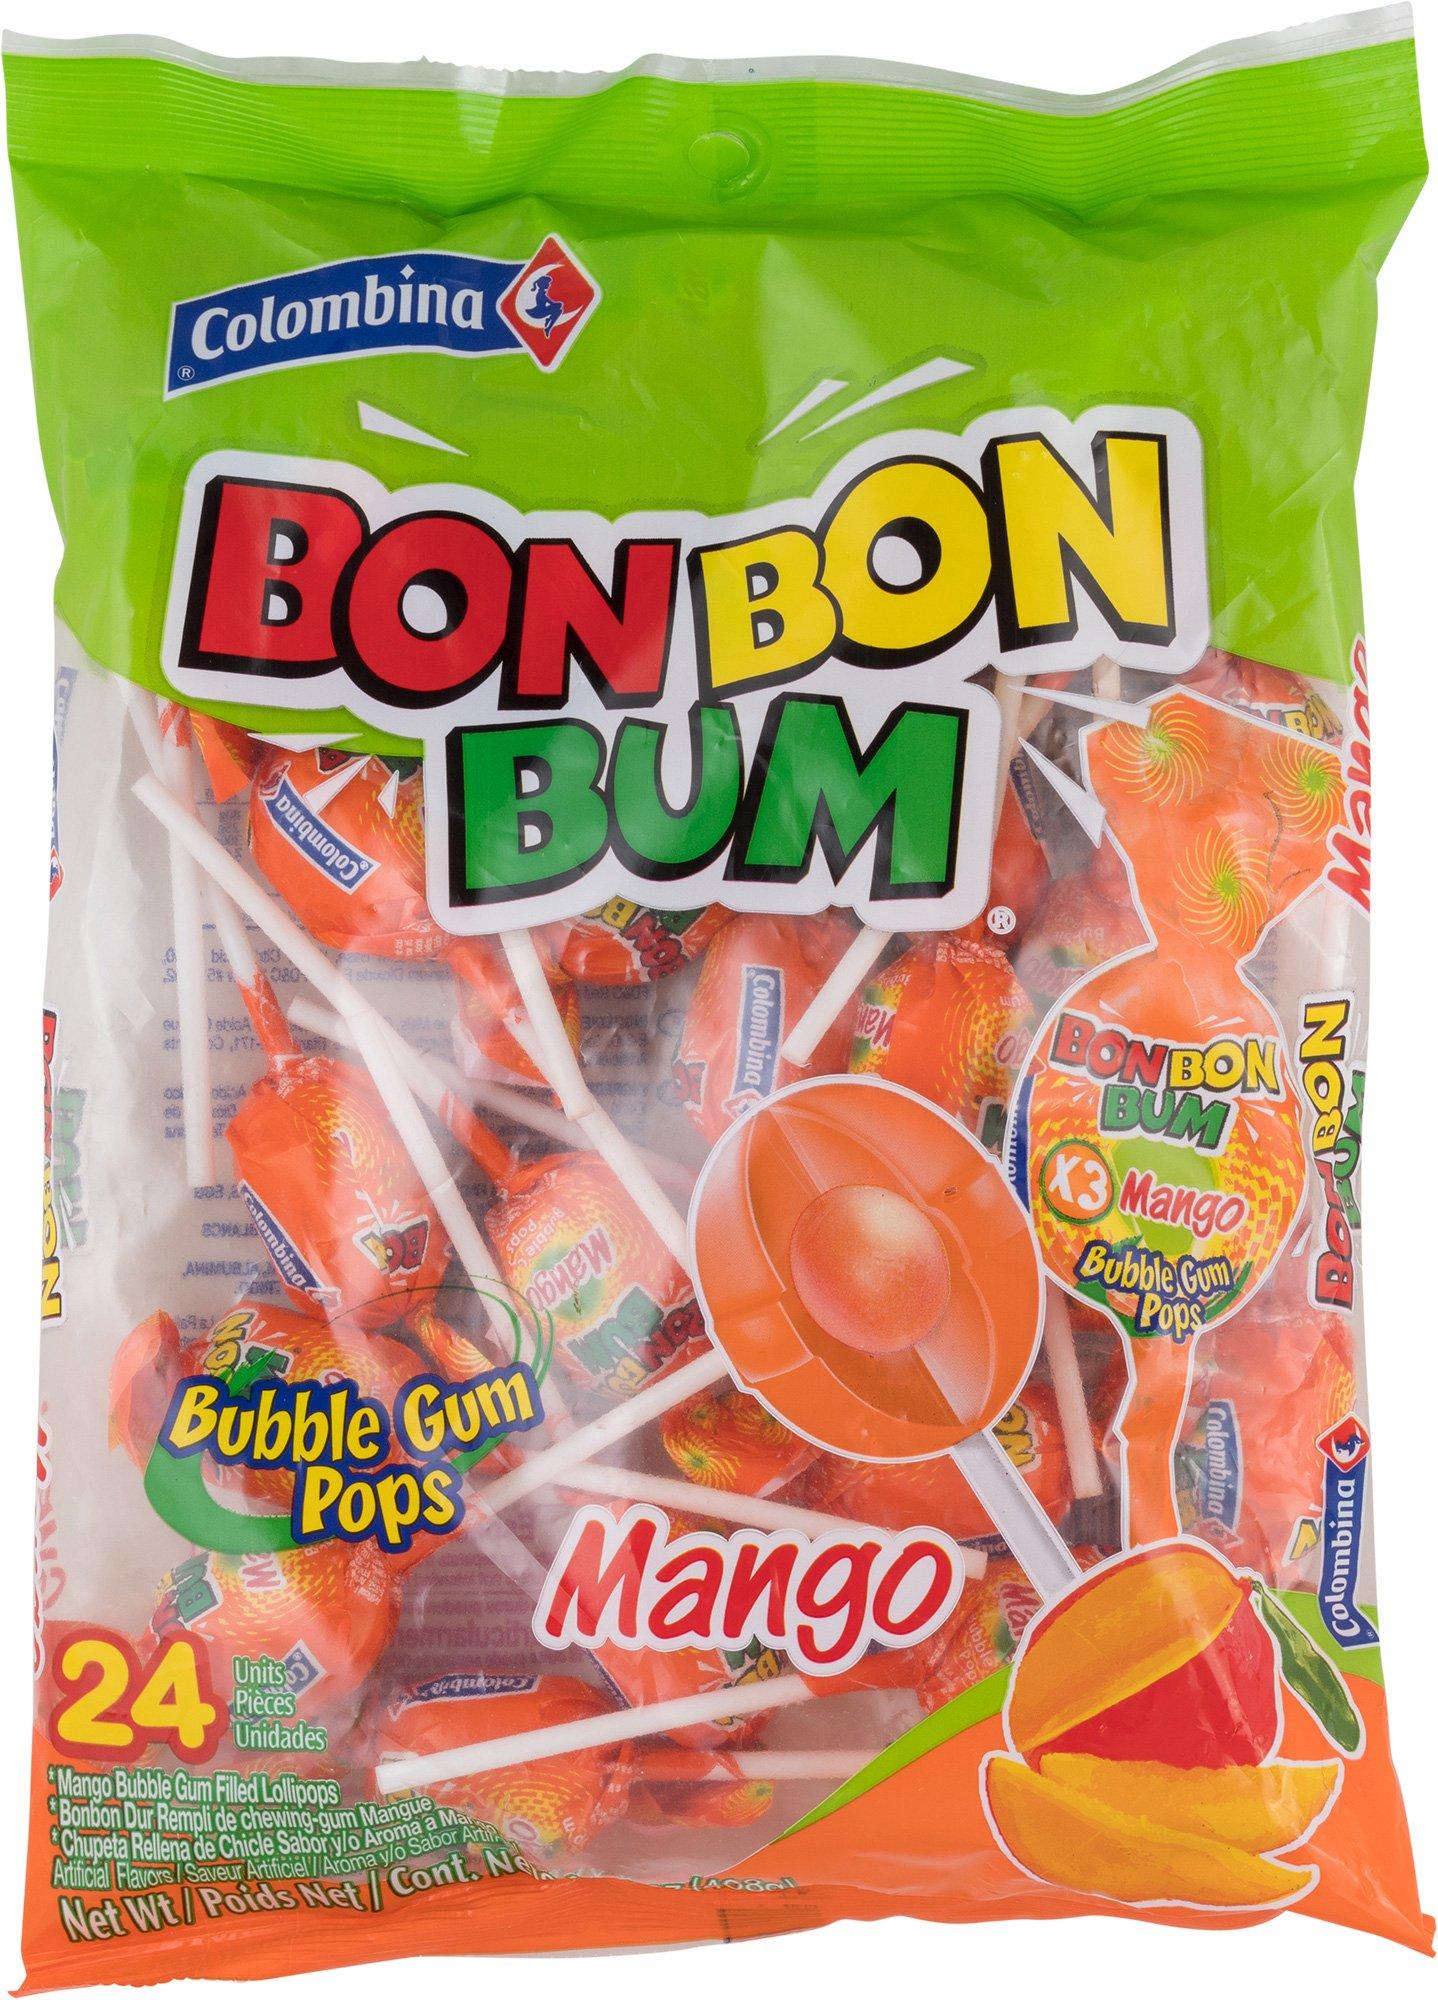 Amazon.com : Colombina Bon Bon Bum Bubble Gum Pops Passion Fruit ...